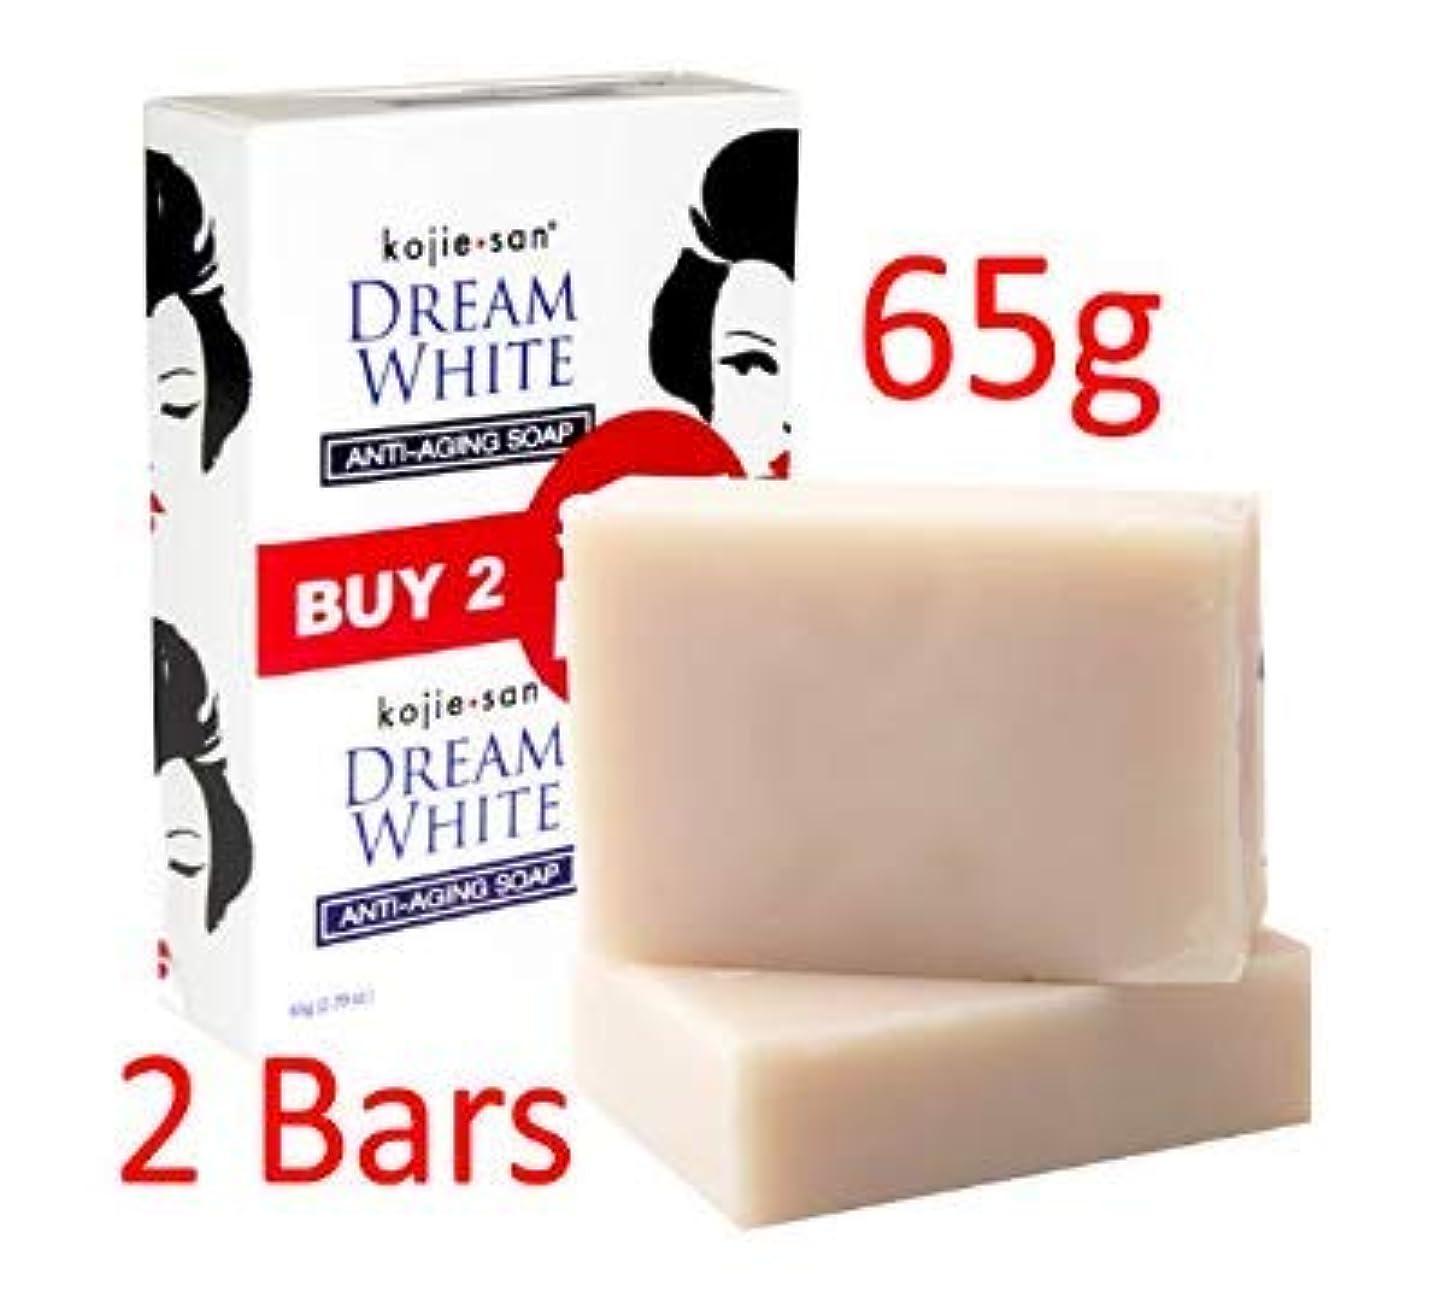 どこでも豊かな考えお得な2個パック Kojie san soap Dream White 2pcs こじえさん ドリームホワイト 1個65g [並行輸入品]